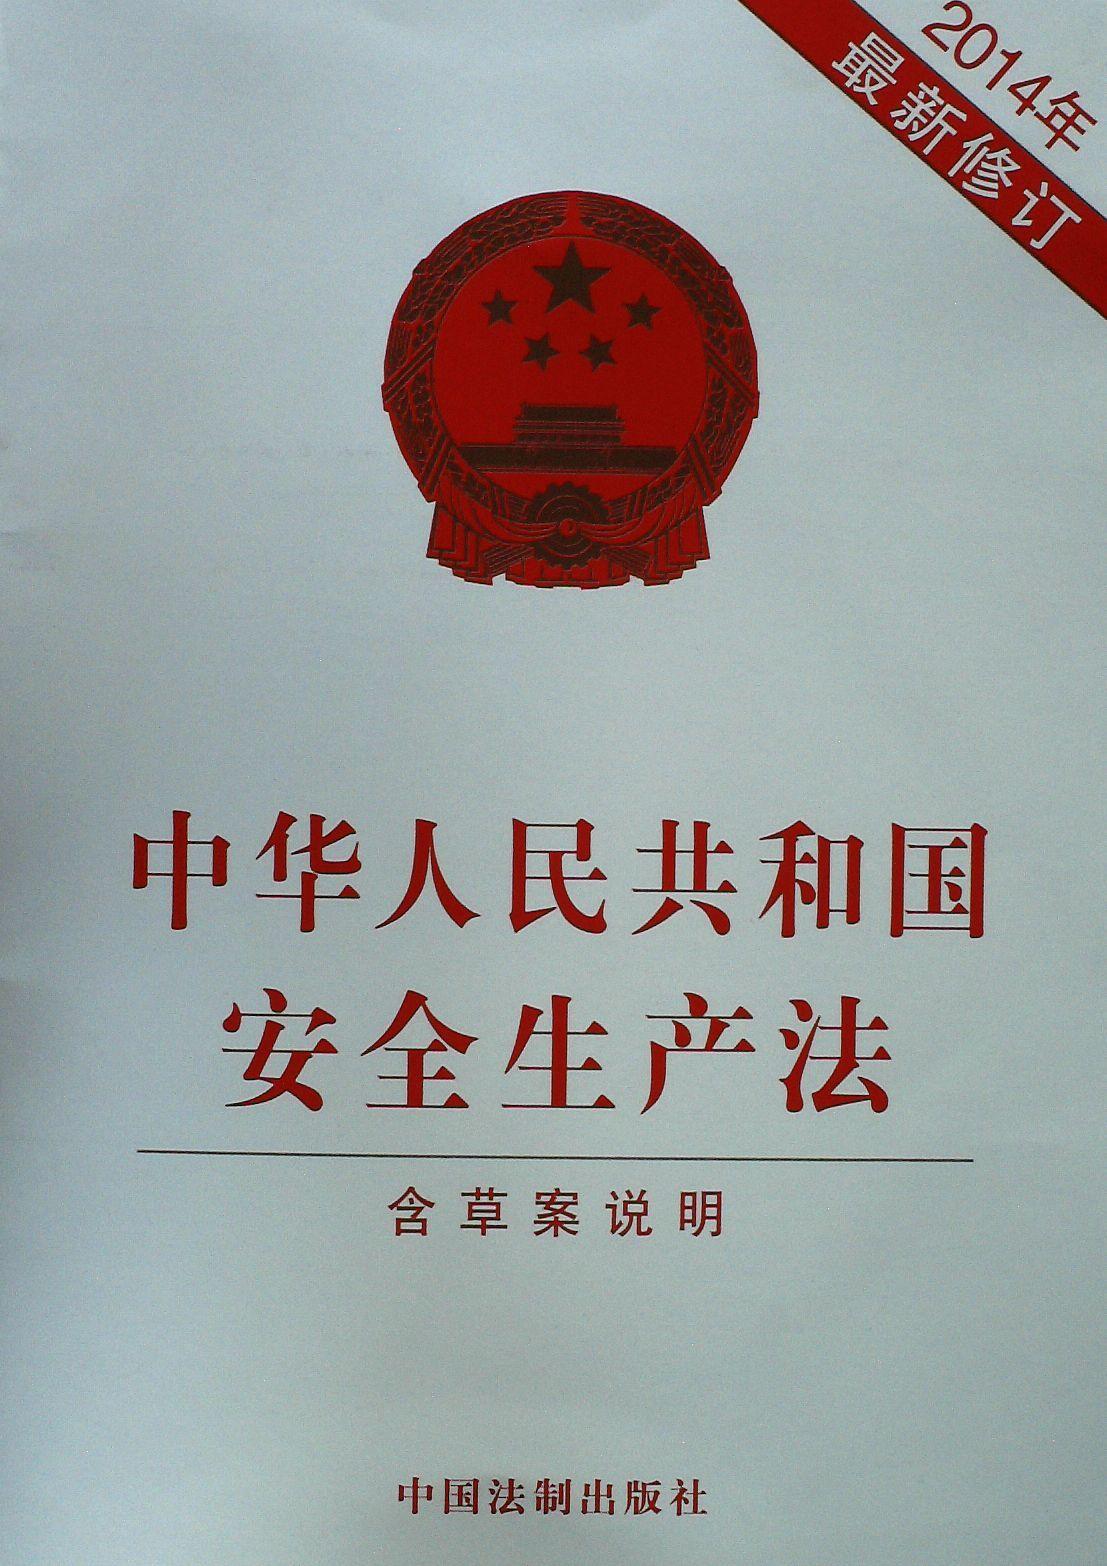 根据安全生产法规定_特种作业_360百科